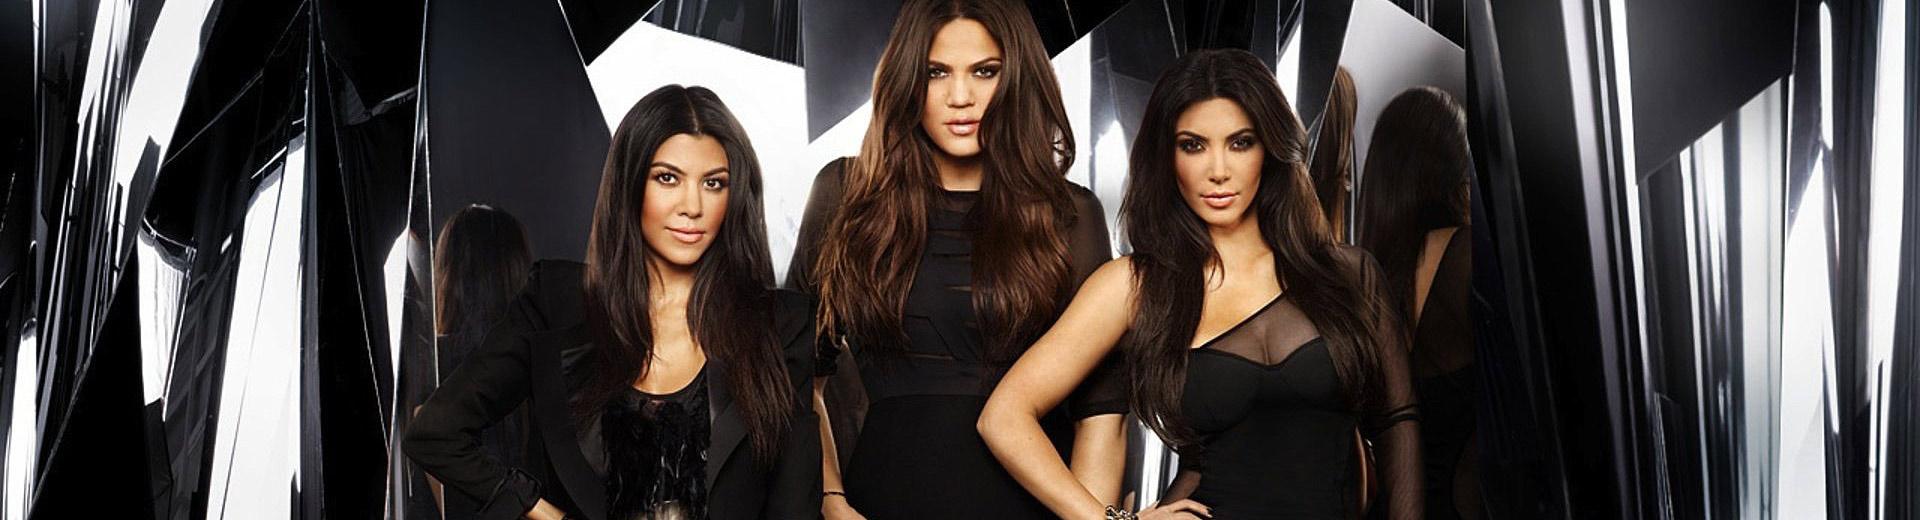 Kardashian-gifs-banner-1920x520.jpg